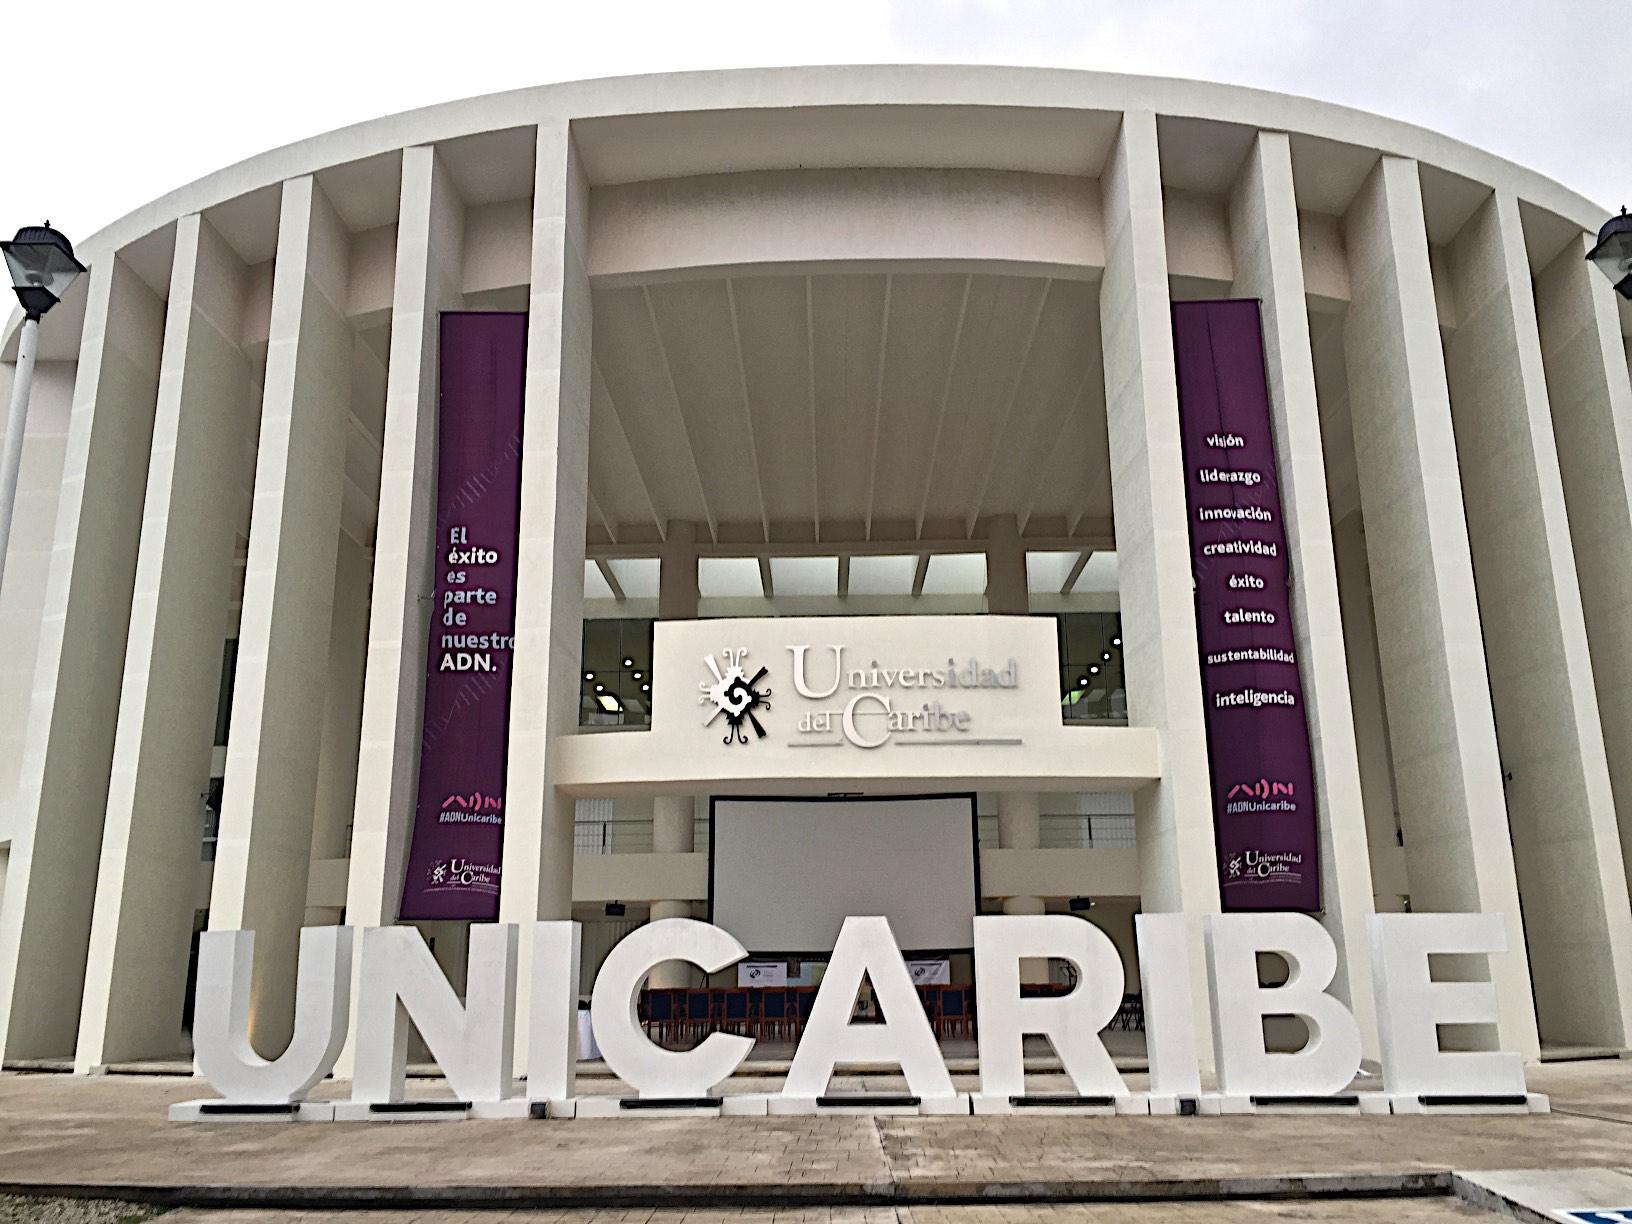 Met Opera at the Universidad de Caribe in Cancun